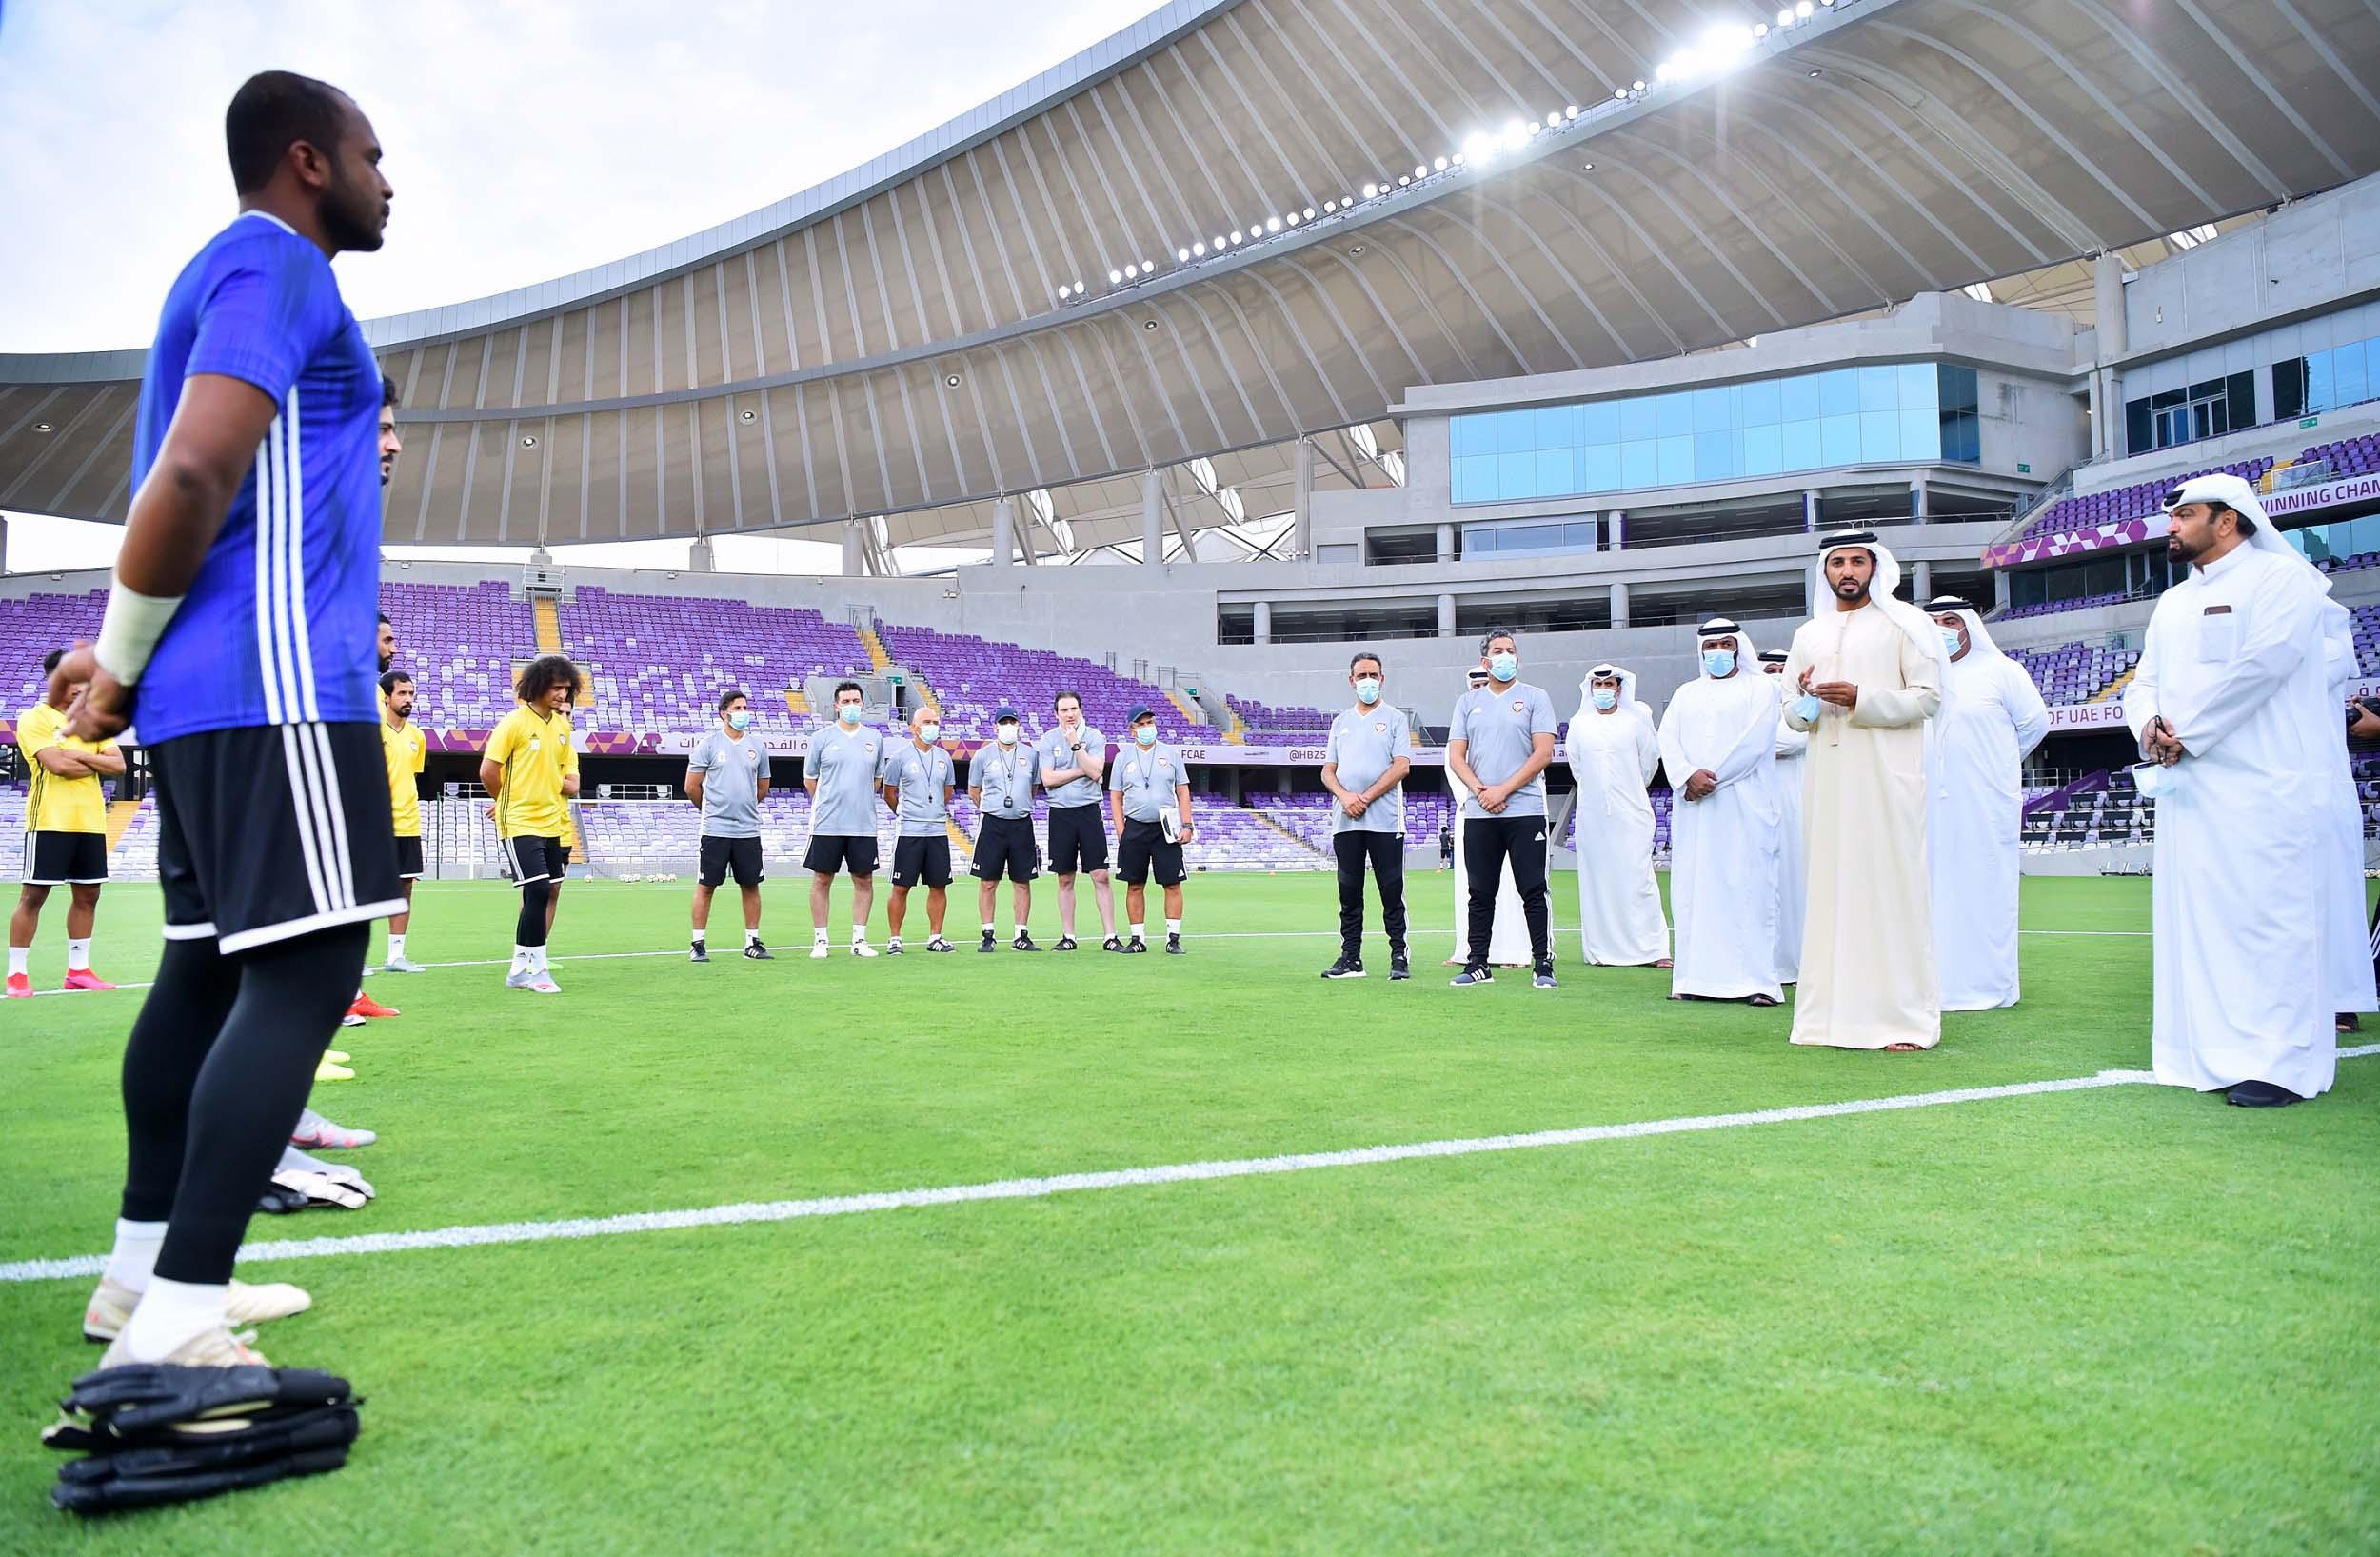 راشد بن حميد يزور المنتخب الوطني لكرة القدم في معسكره بمدينة العين